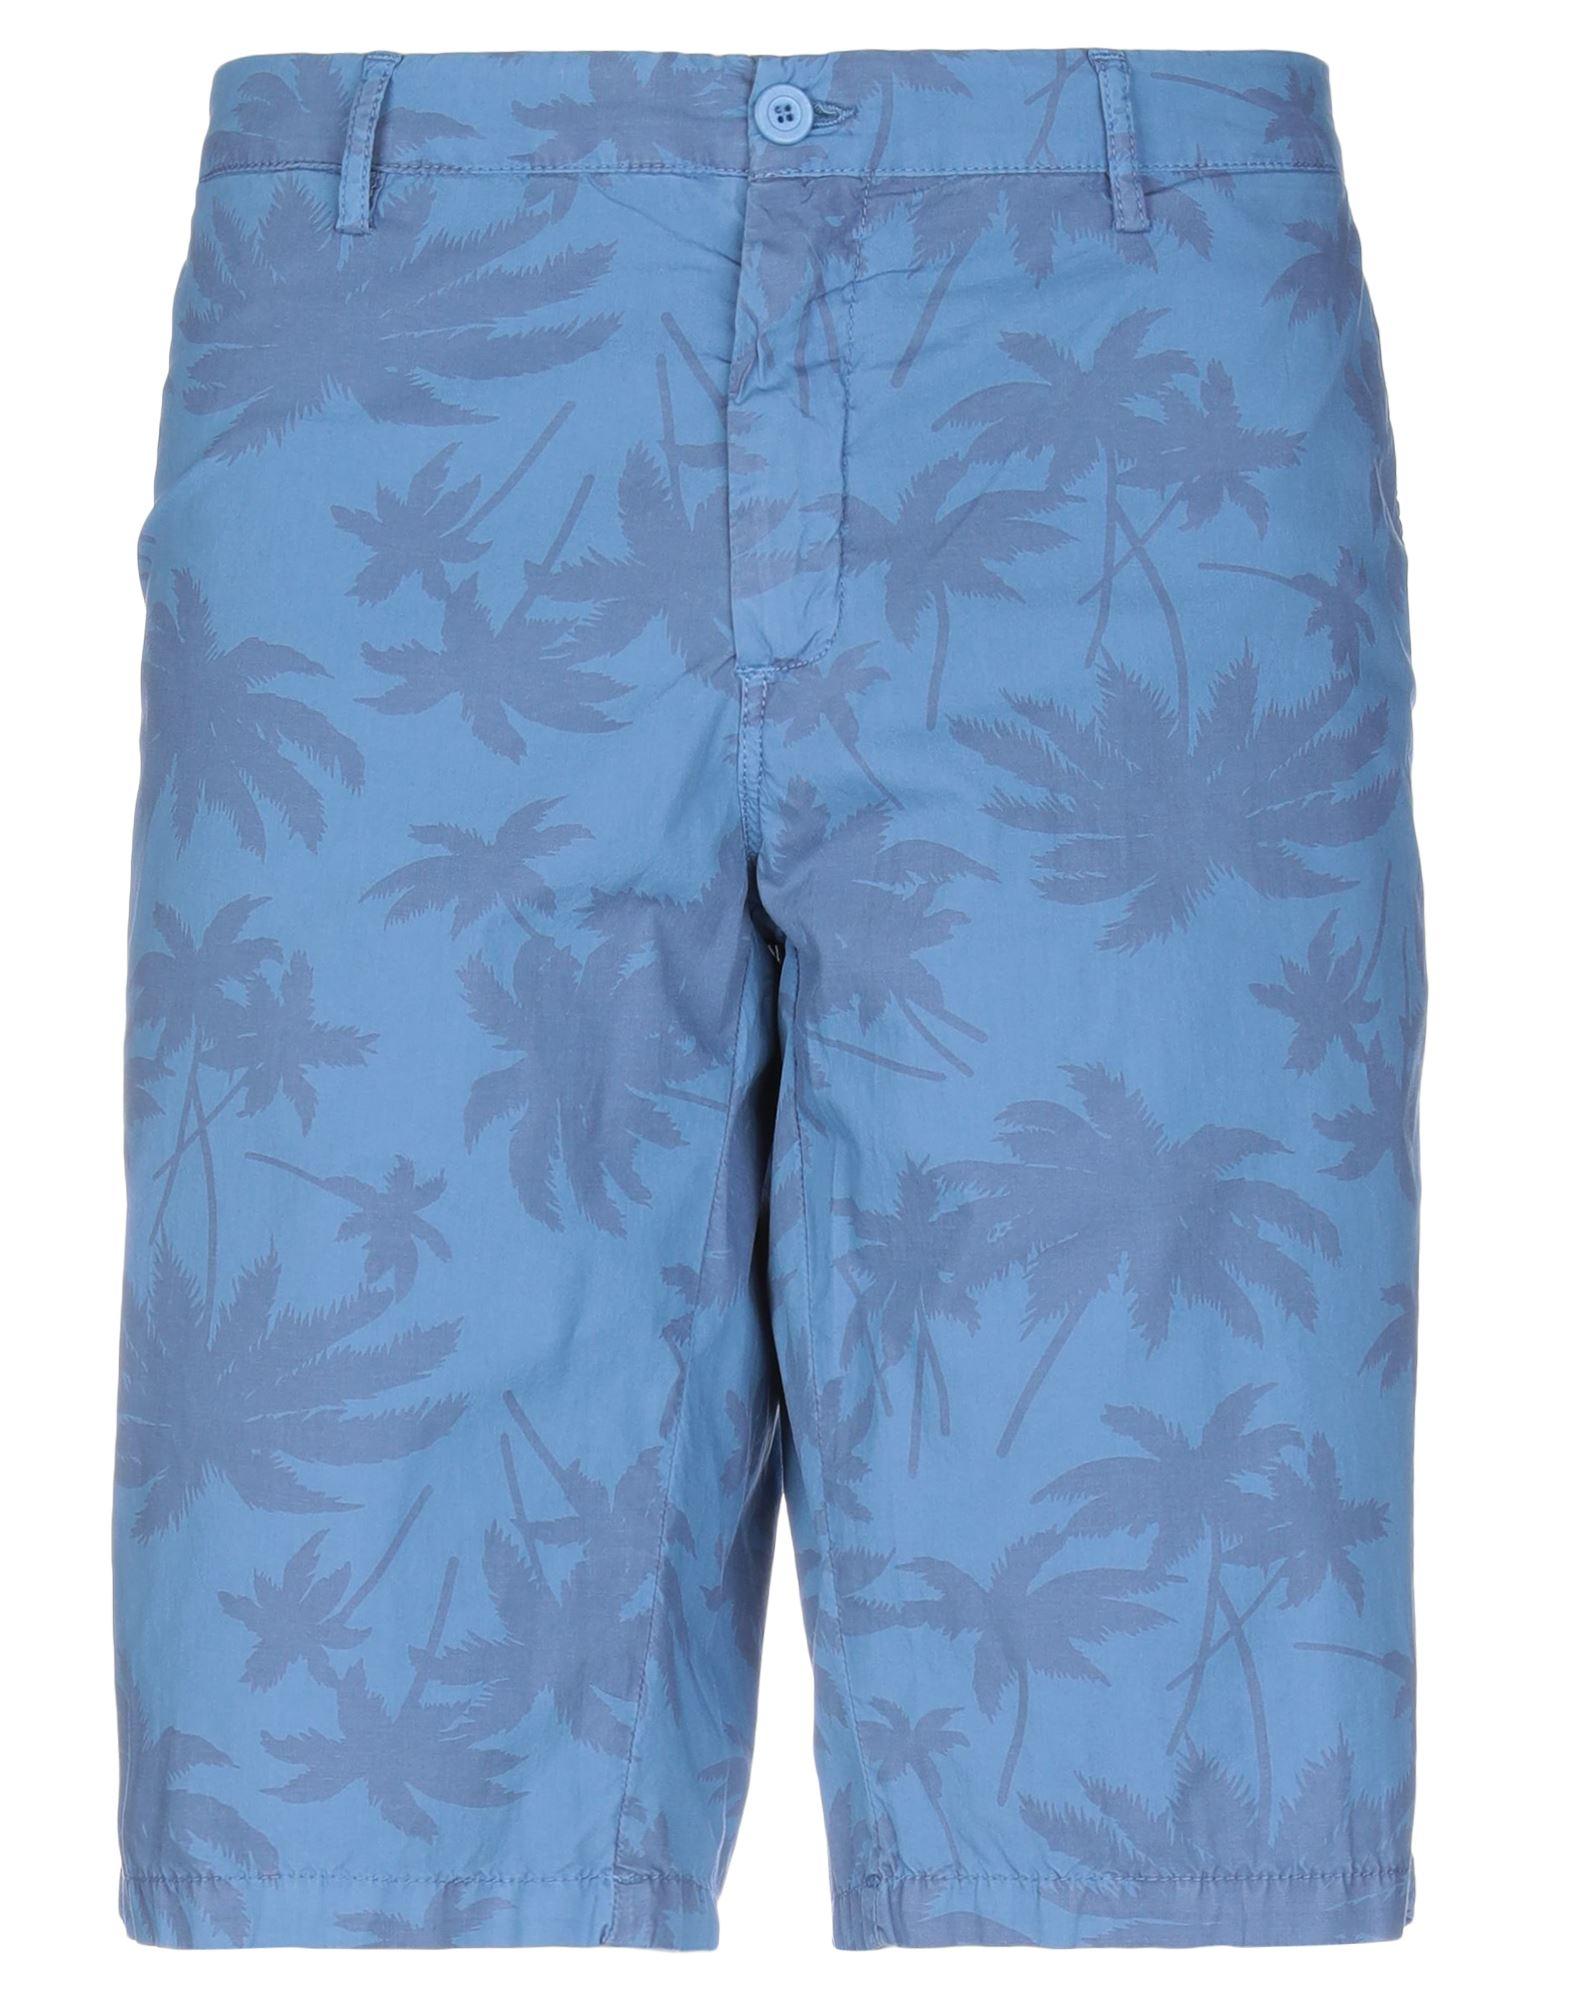 Фото - HOMEWARD CLOTHES Бермуды homeward clothes бермуды